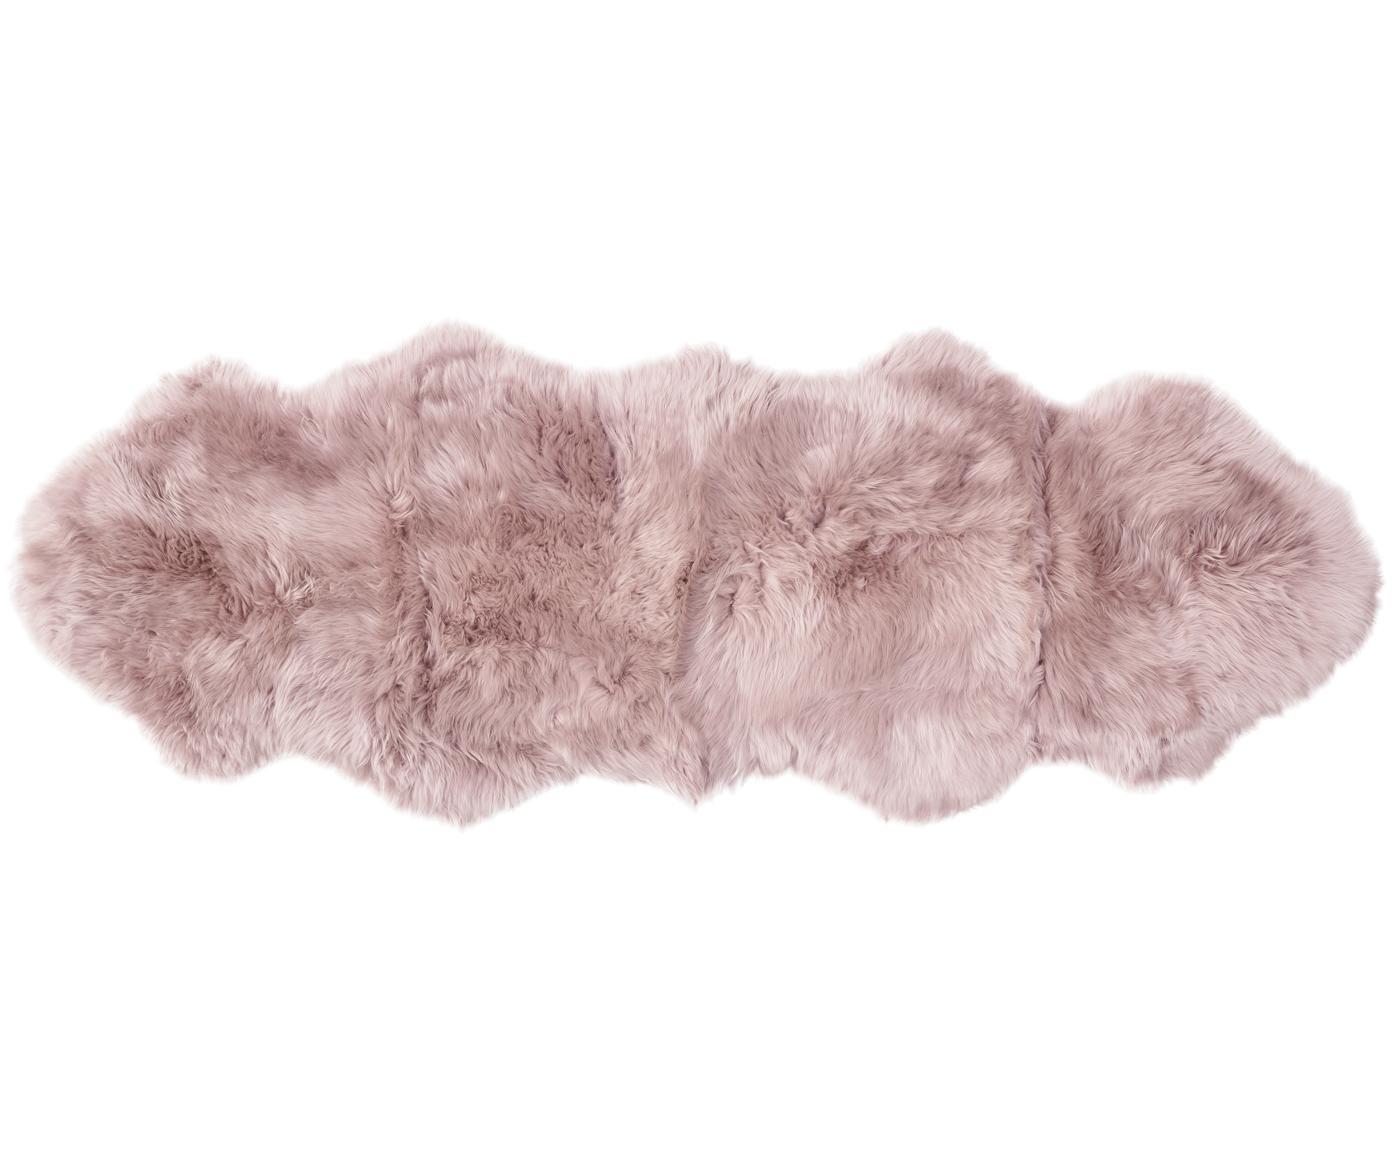 Vloerkleed van schapenvacht Oslo, glad, Bovenzijde: 100% schapenvacht, Onderzijde: 100% leer, chroomvrij gel, Roze, 60 x 180 cm